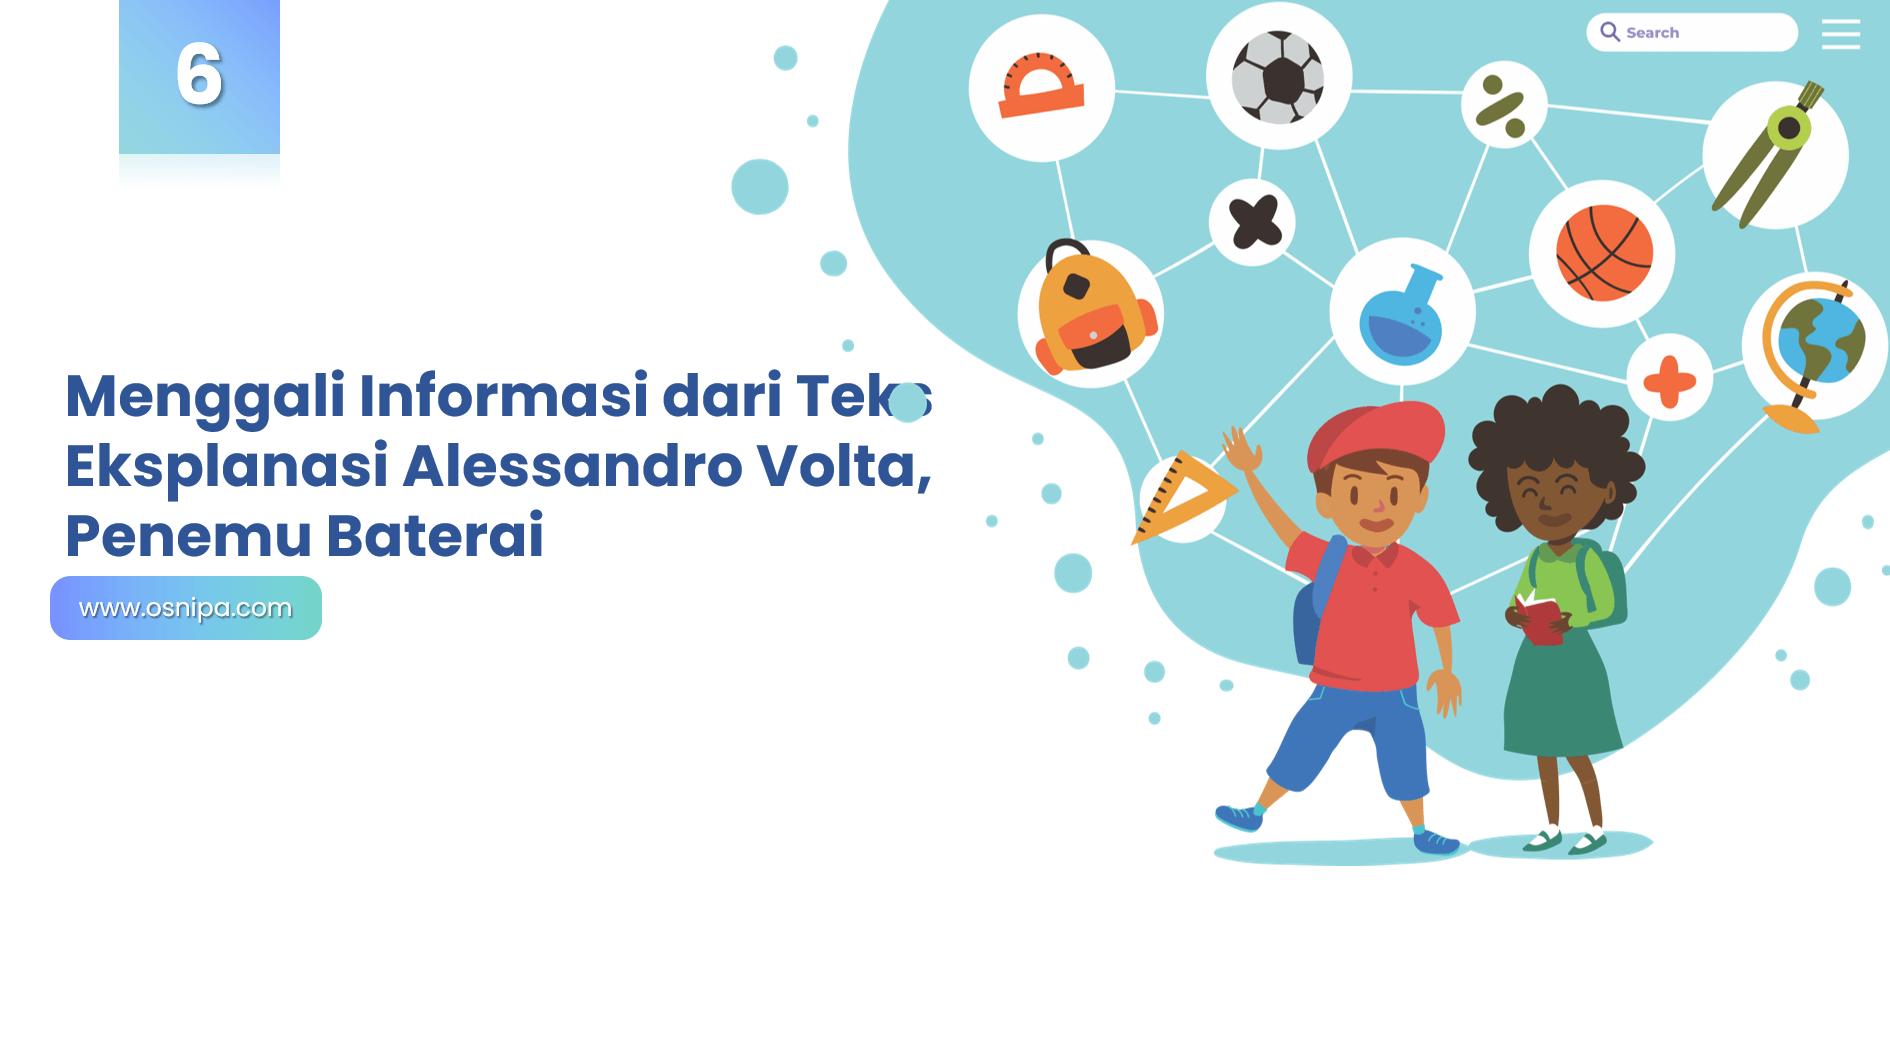 Menggali Informasi dari Teks Eksplanasi Alessandro Volta, Penemu Baterai